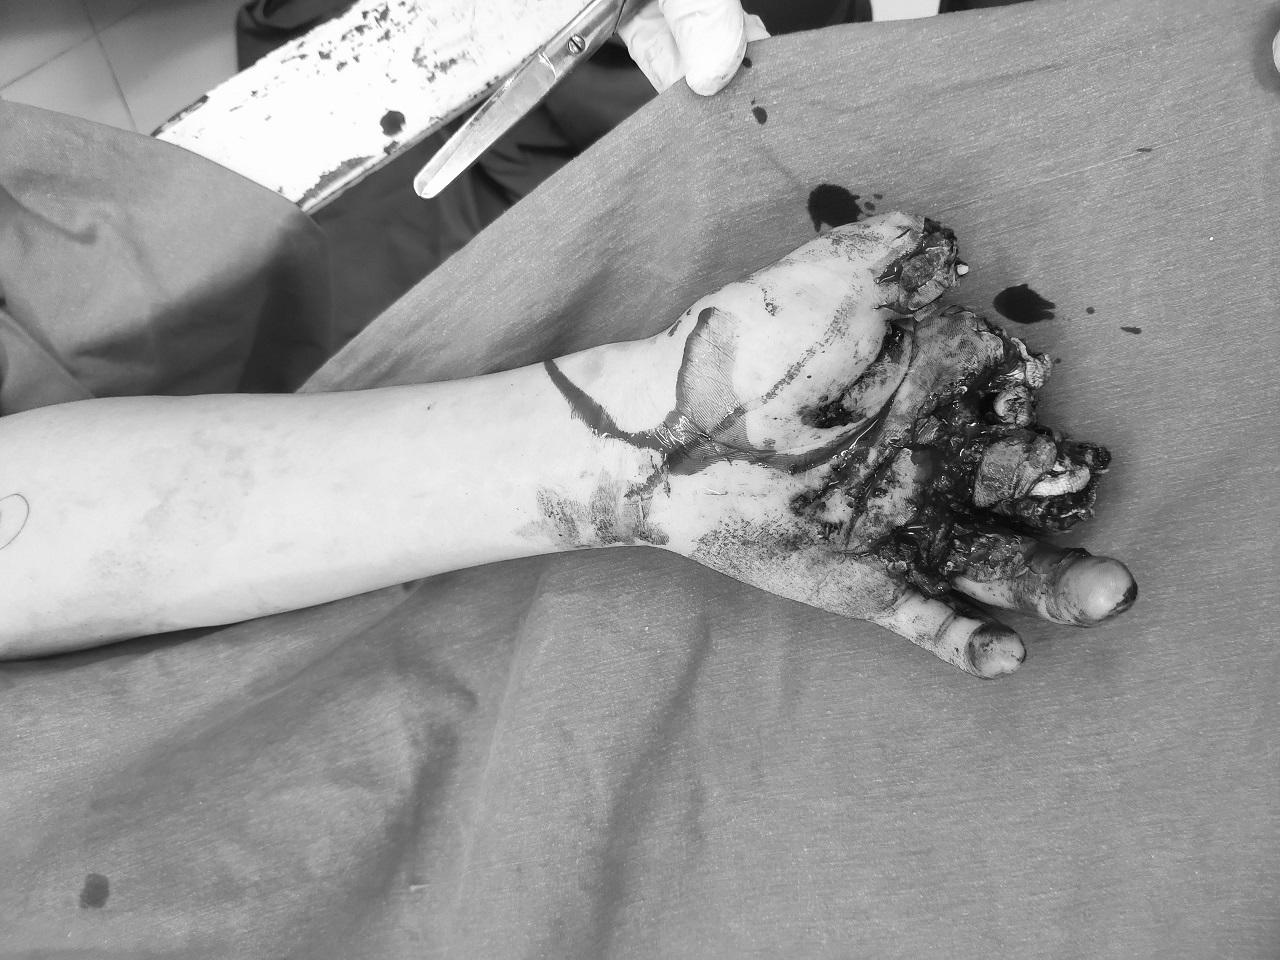 Thiếu niên 14 tuổi cụt 3 ngón bàn tay trái do nổ pin quạt tích điện